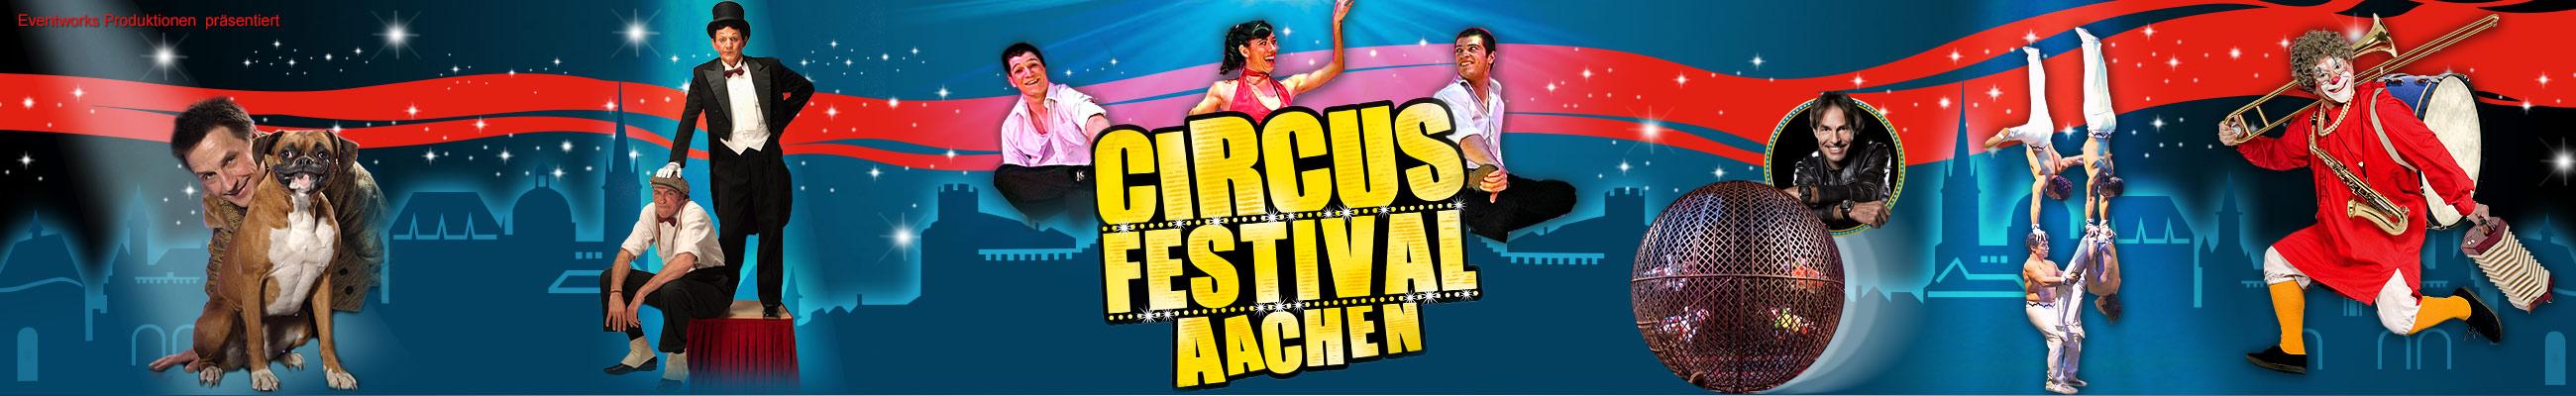 Circus Festival Aachen – der Weihnachtscircus in Aachen